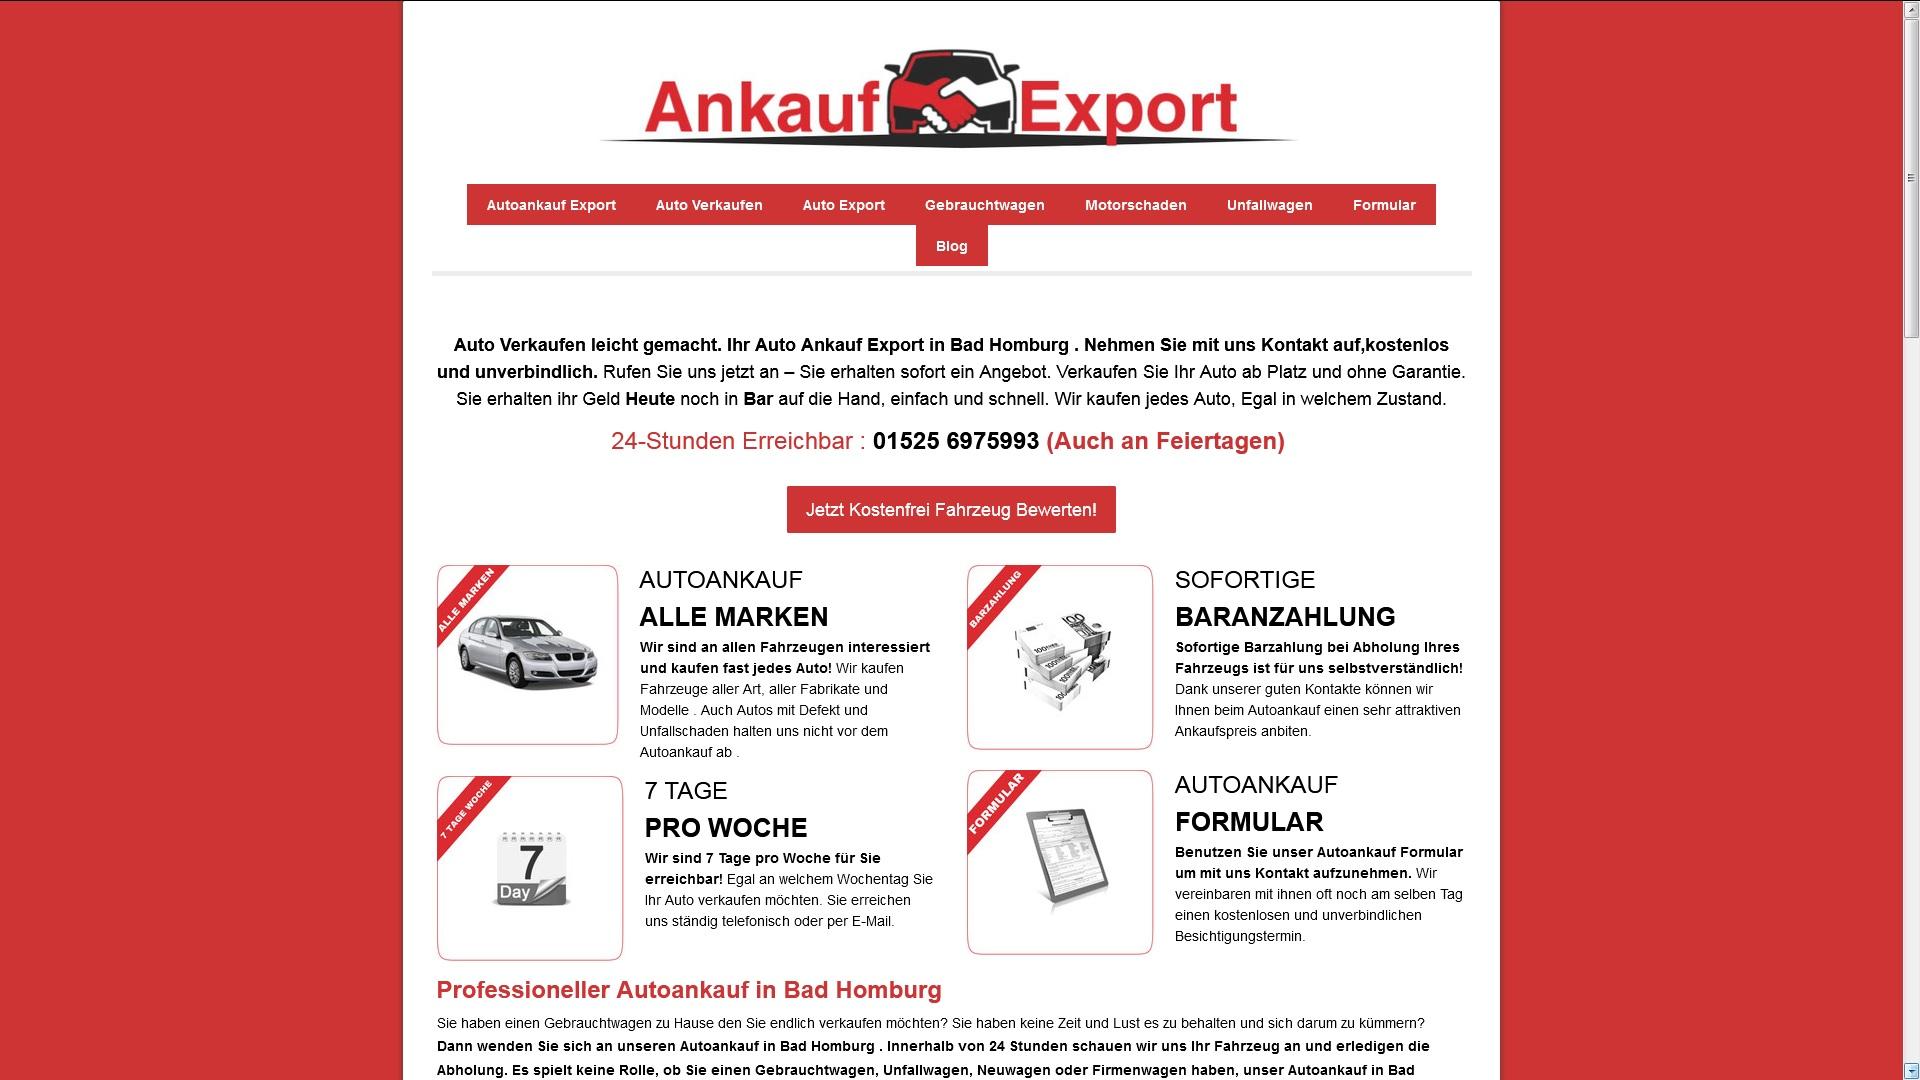 Autoanakuf Hamburg